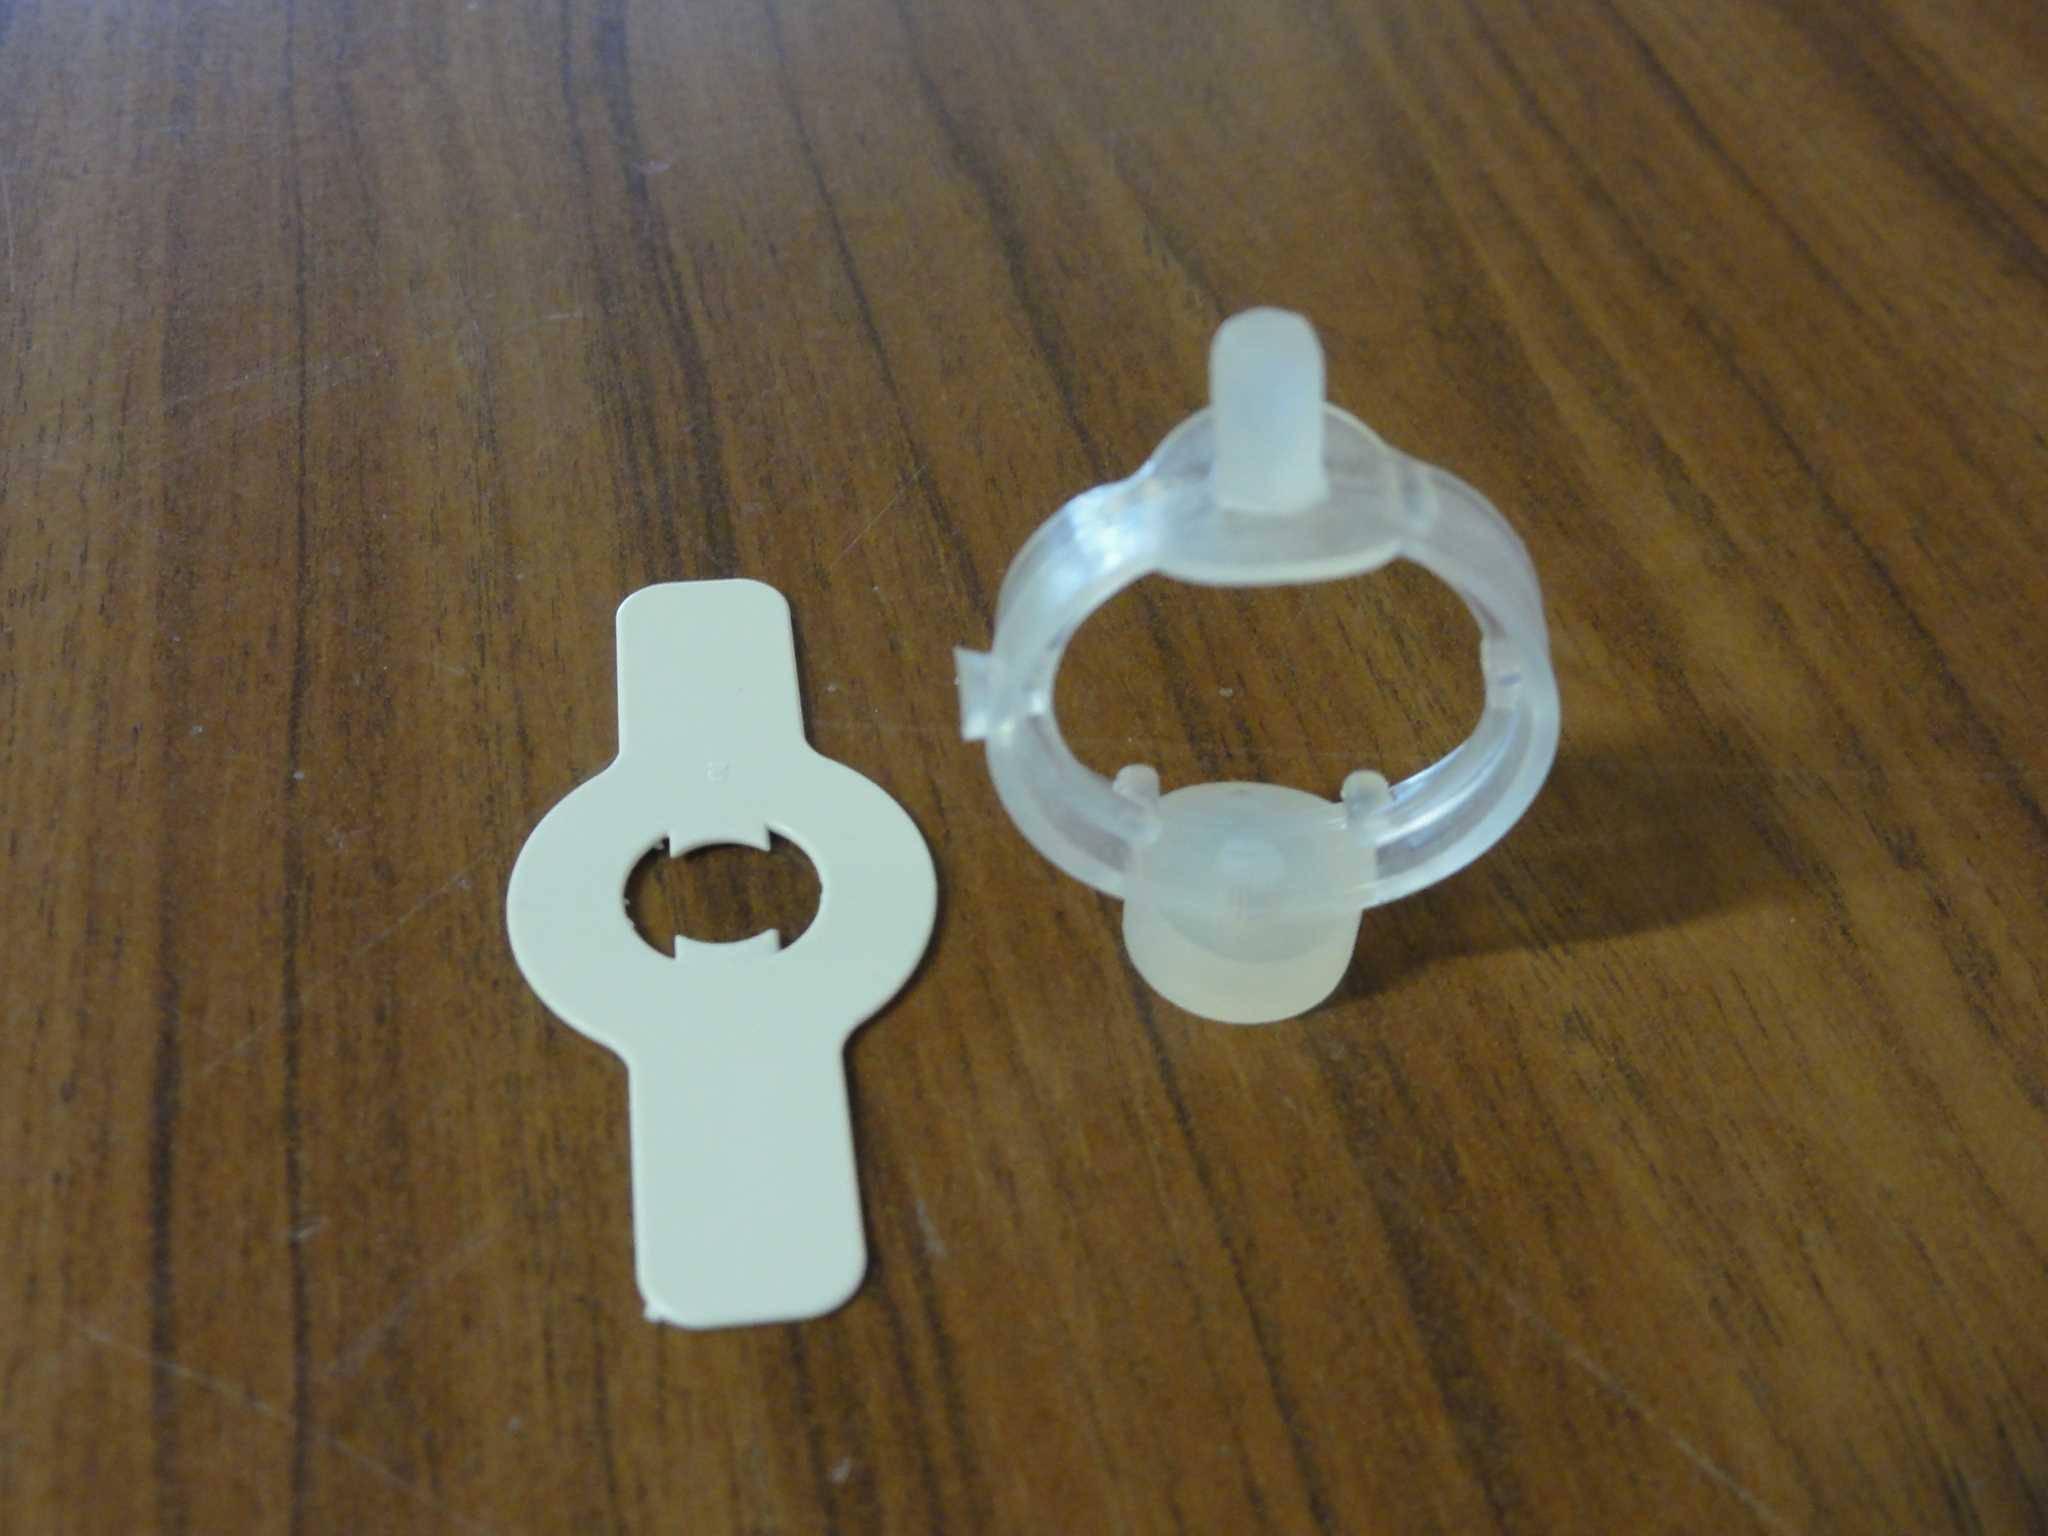 luftbefeuchter ersatzteile venta lw 14 15 24 25 lw 44 45 luftbefeuchter. Black Bedroom Furniture Sets. Home Design Ideas